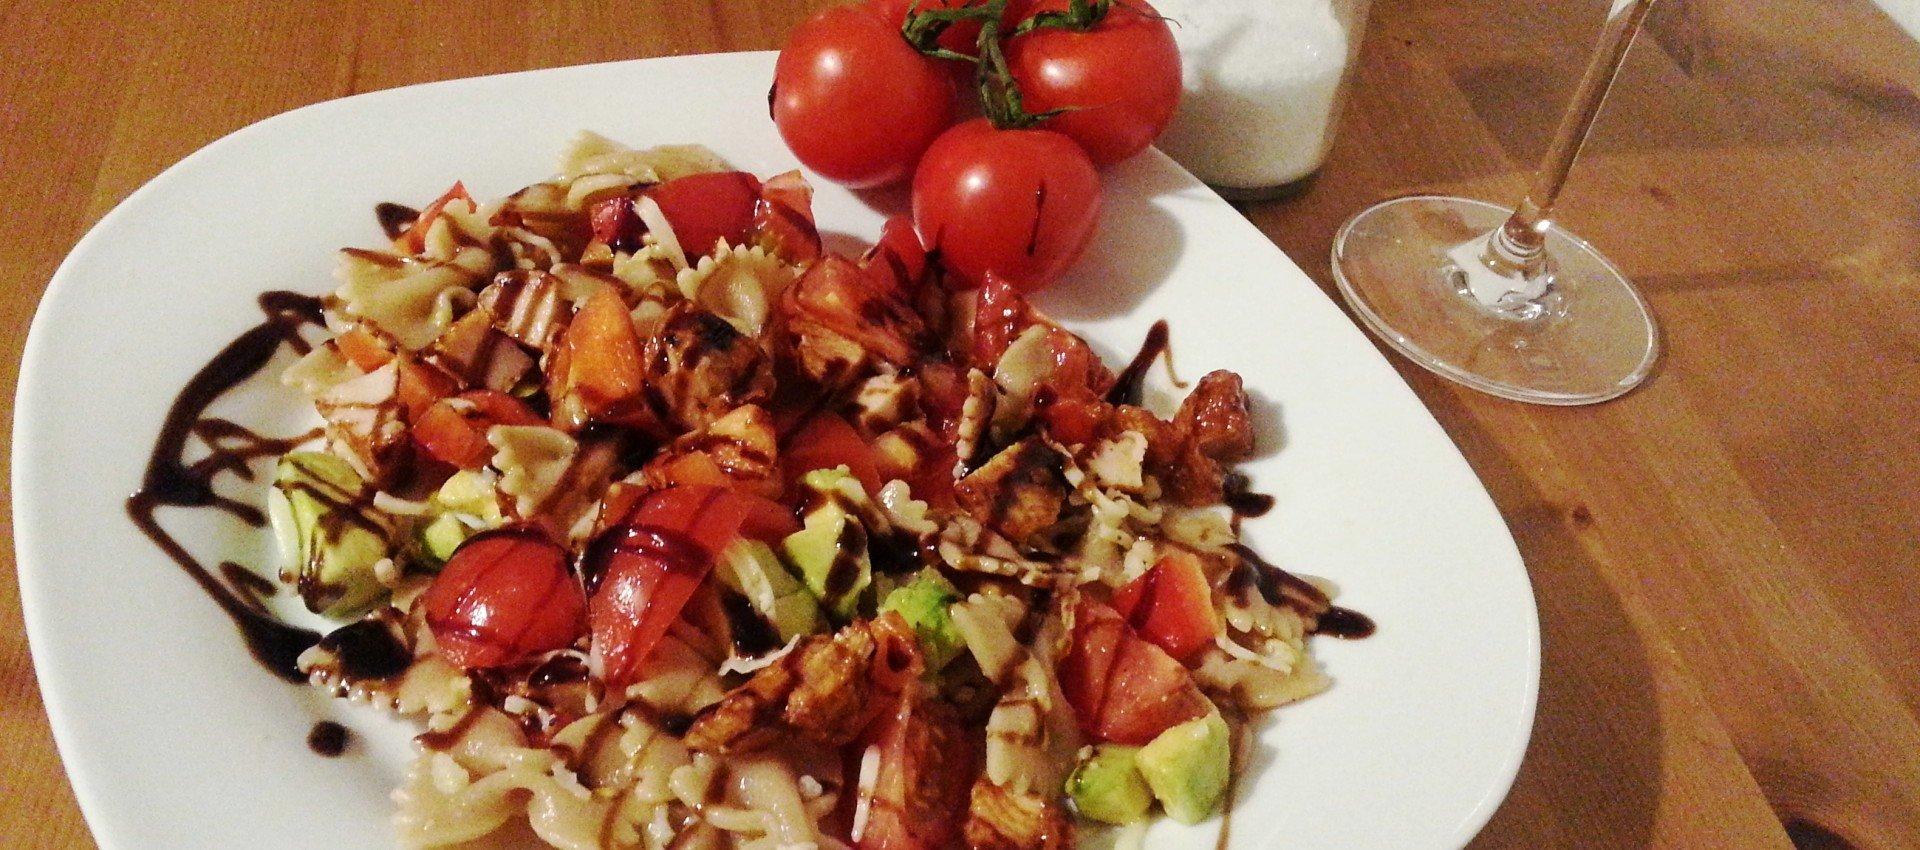 Avocado Vollkornnudel Salat